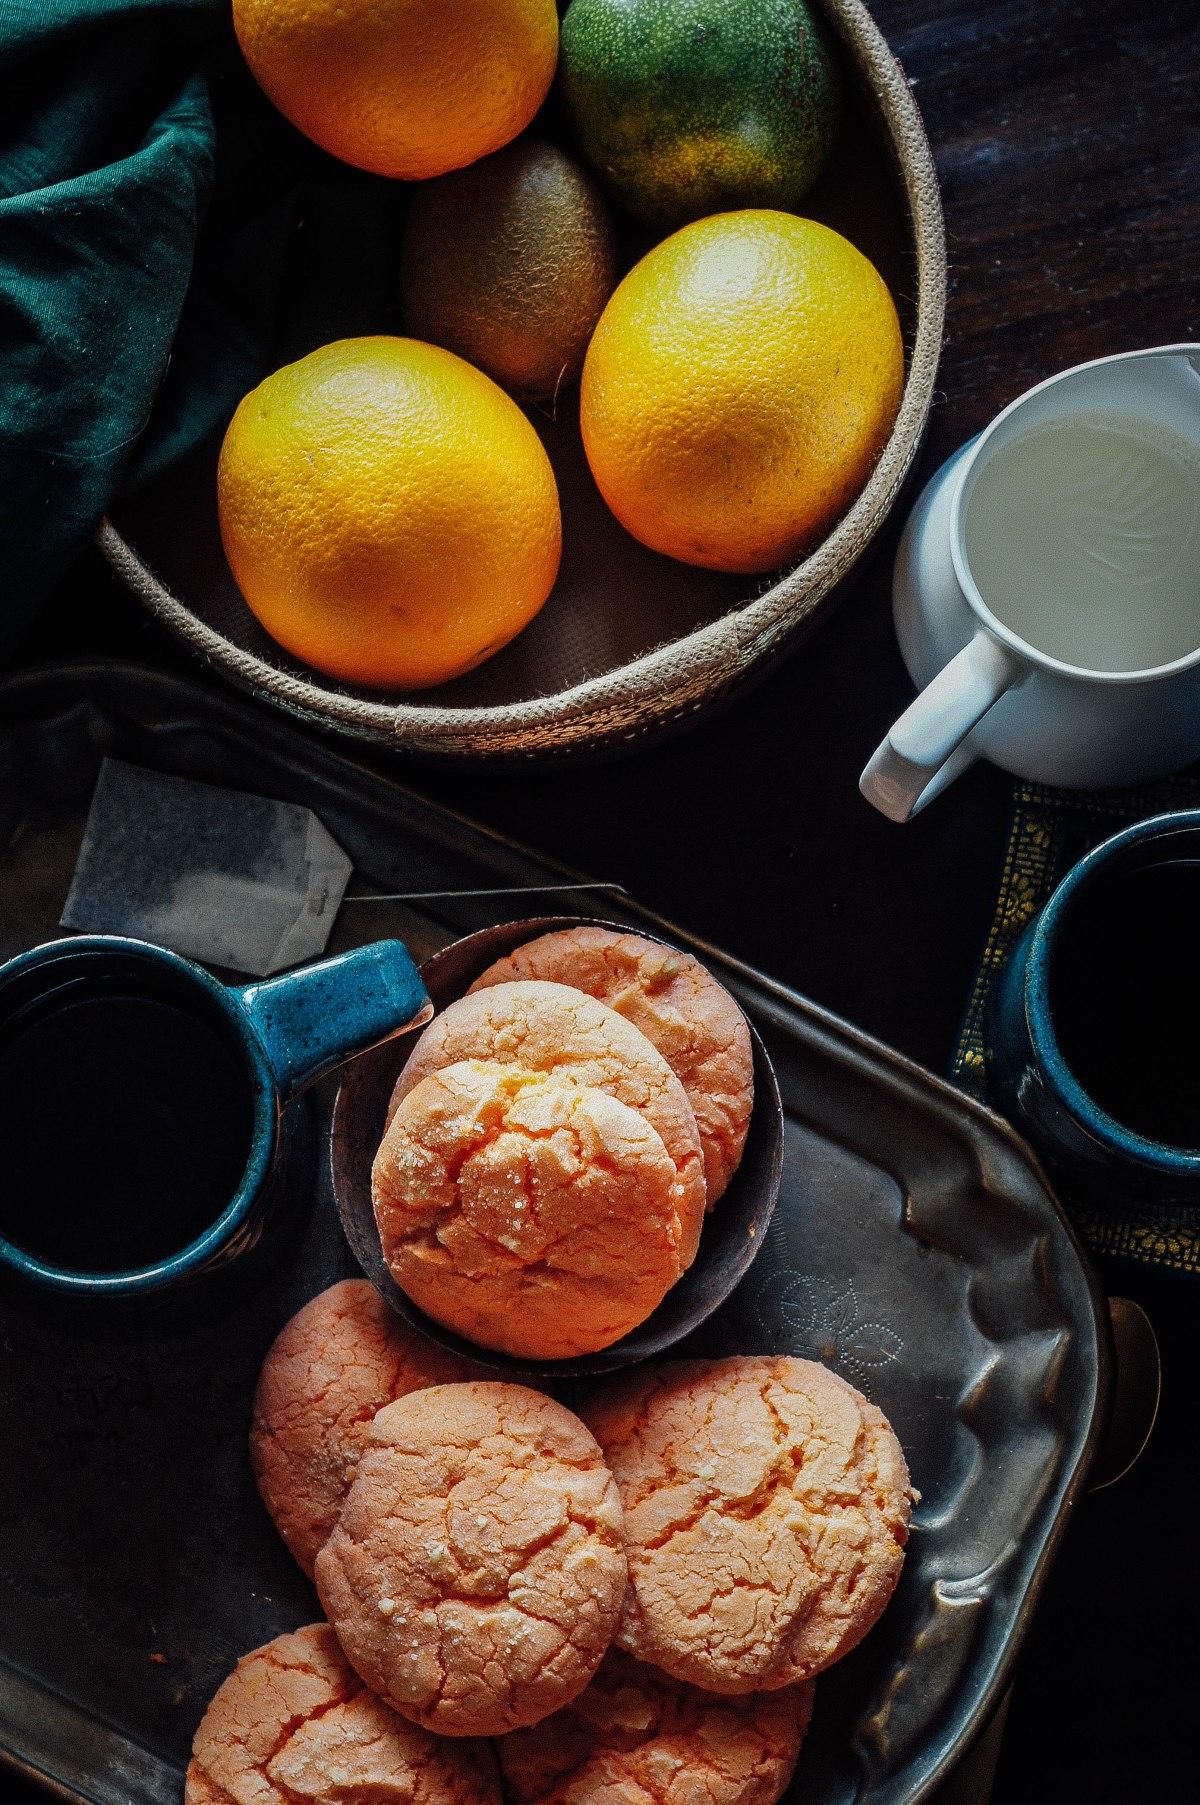 Orange Crinkle Cookies / The week thatwas